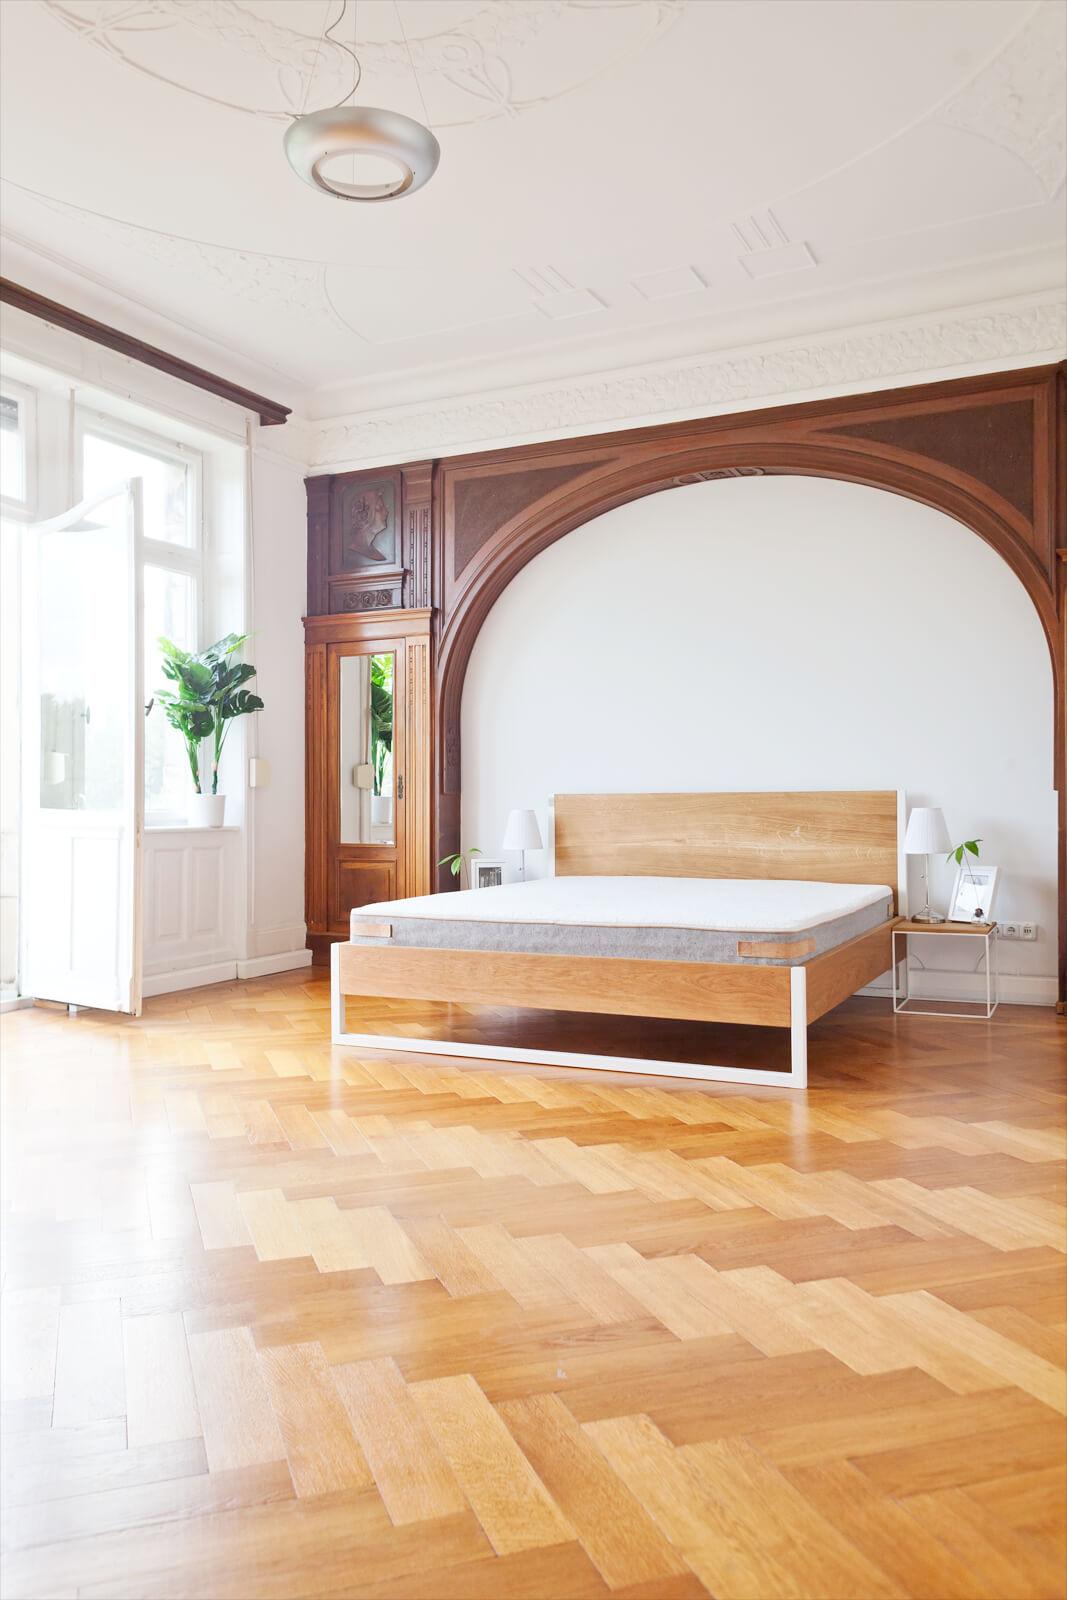 N51E12 Design Massivholzbett, Loftbett, Massivholz Eiche, Designbett, Doppelbett, Kufenbett, Stahlrahmen, Stahlbett, Metallrahmen, Metallbett